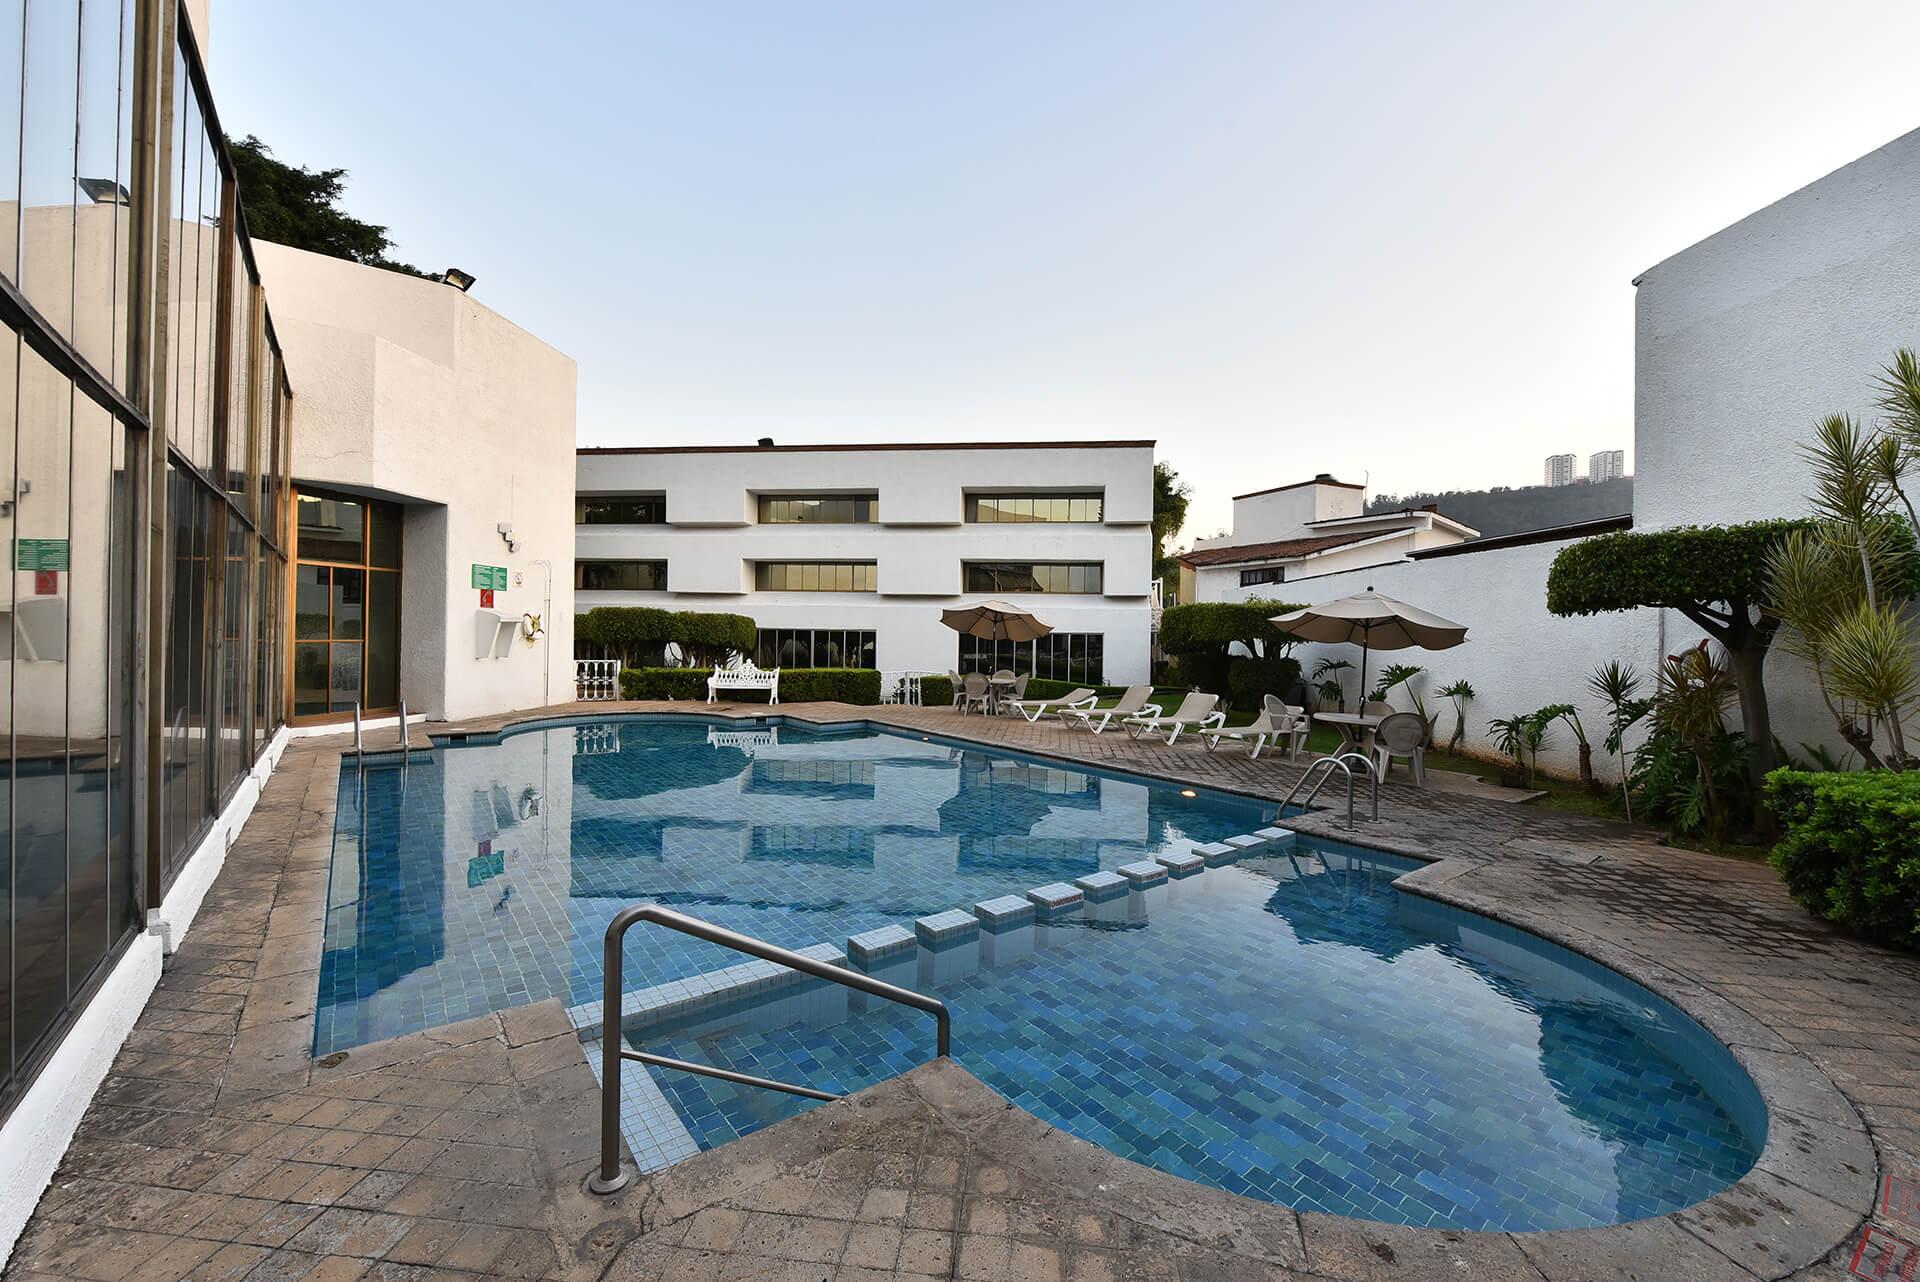 Holiday Inn Morelia - Imagen 7